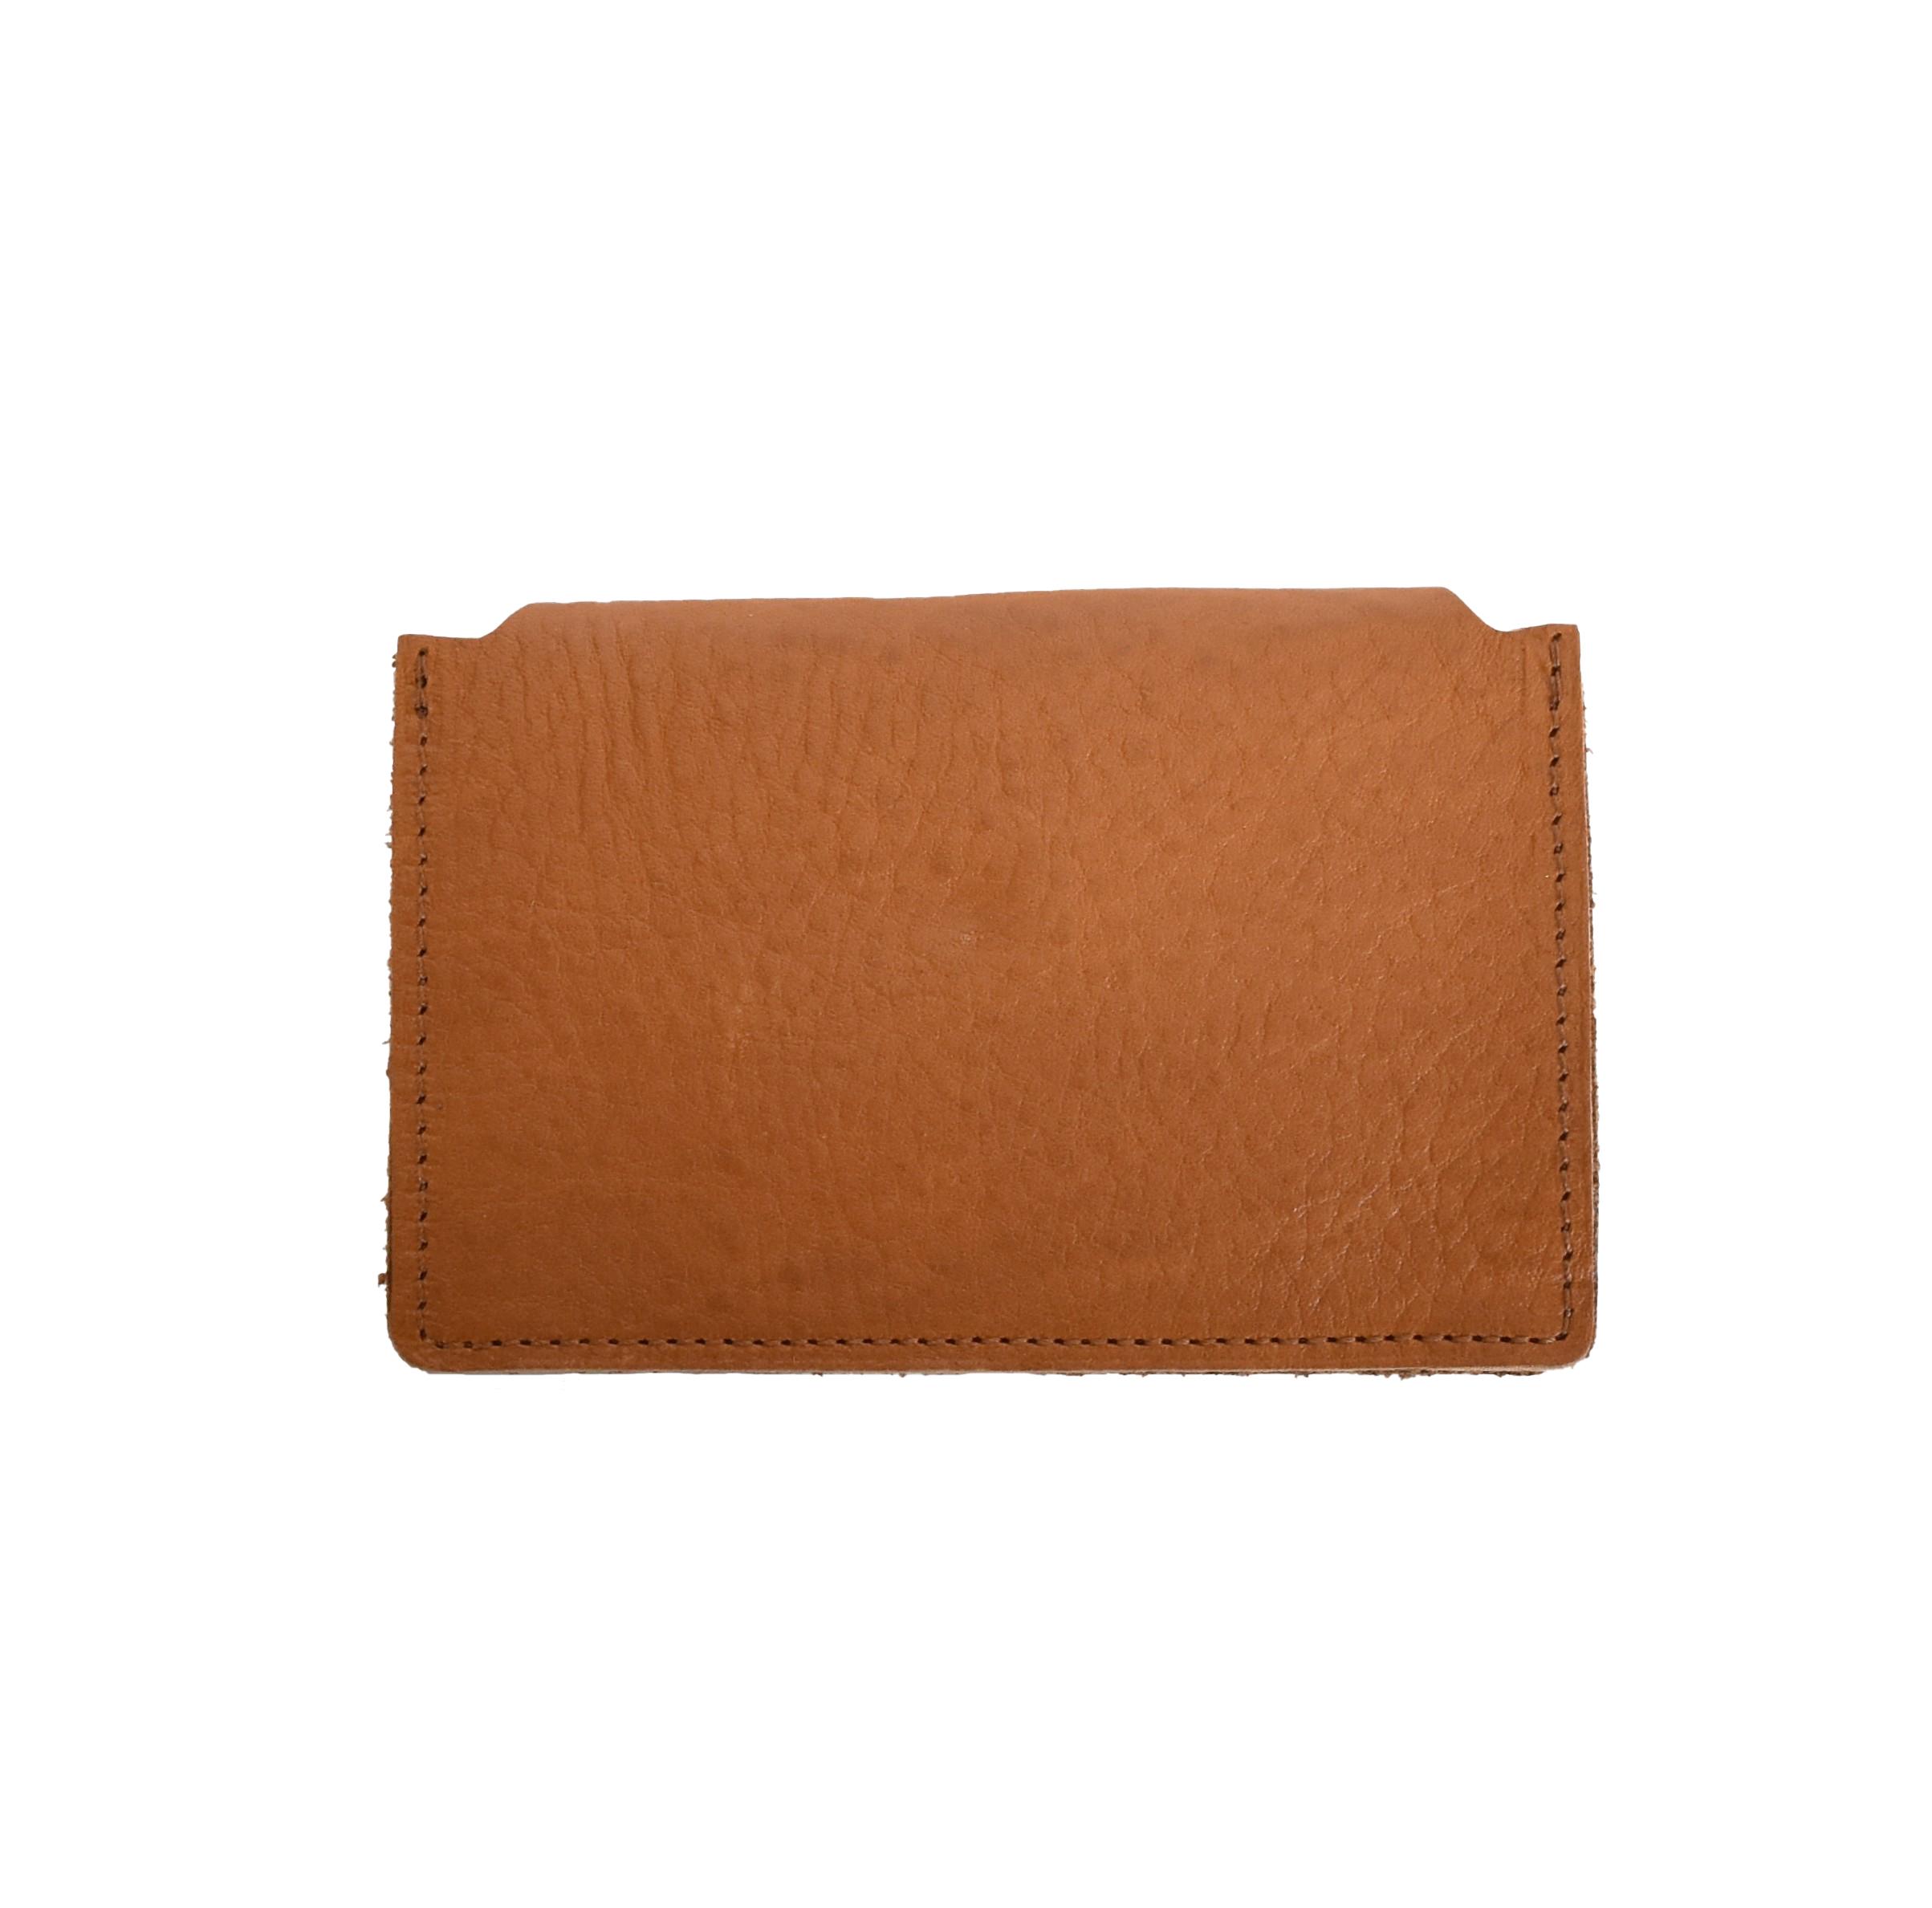 Porte carte caramel 2